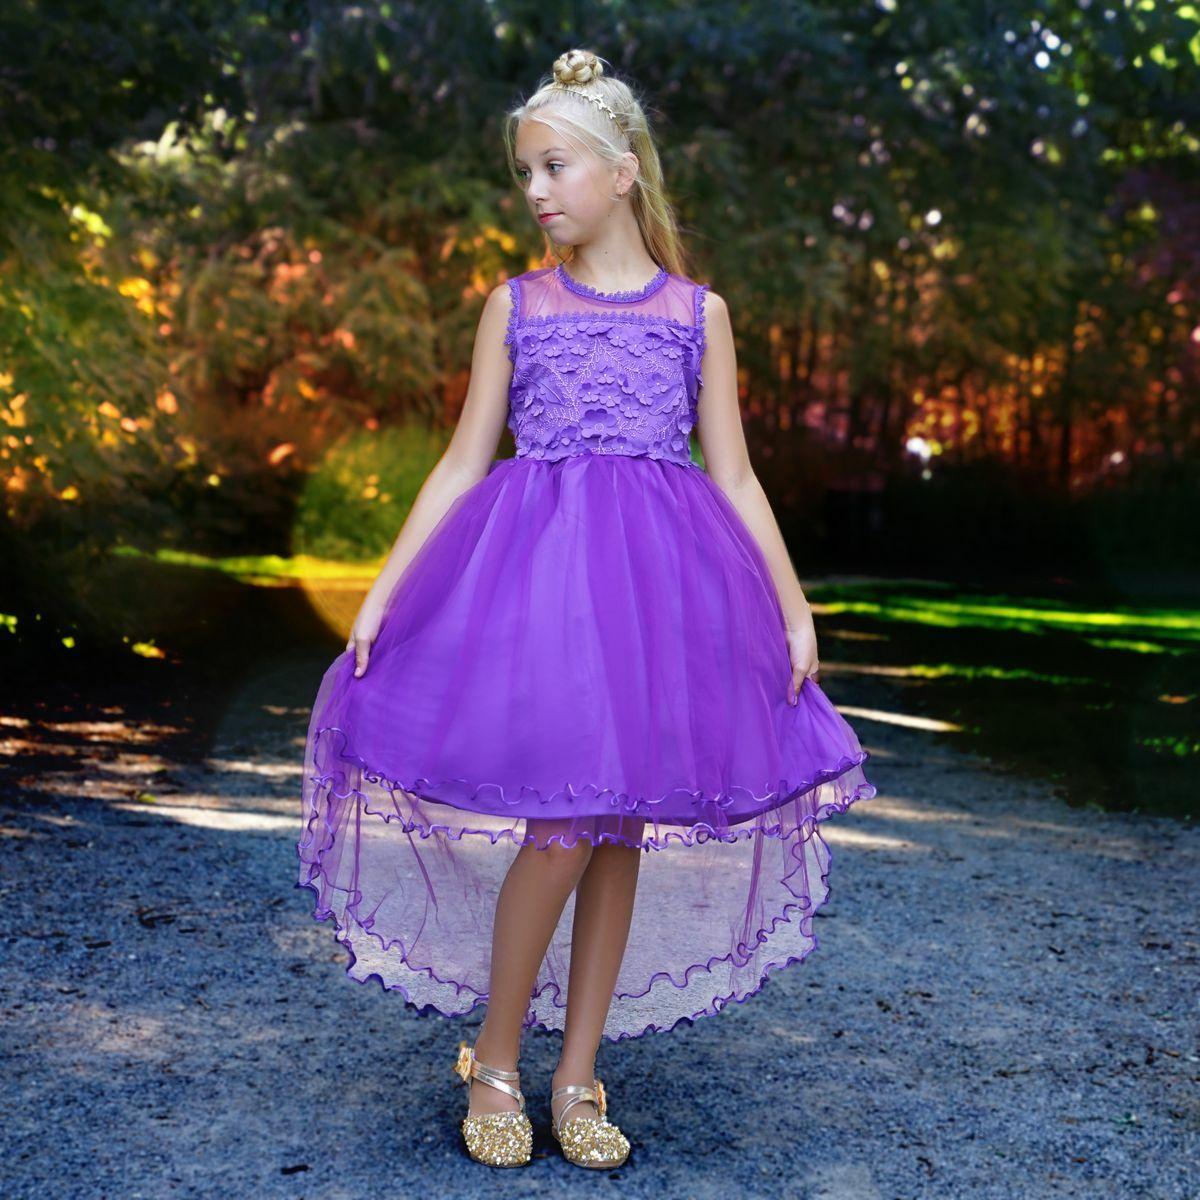 Freya dress in purple